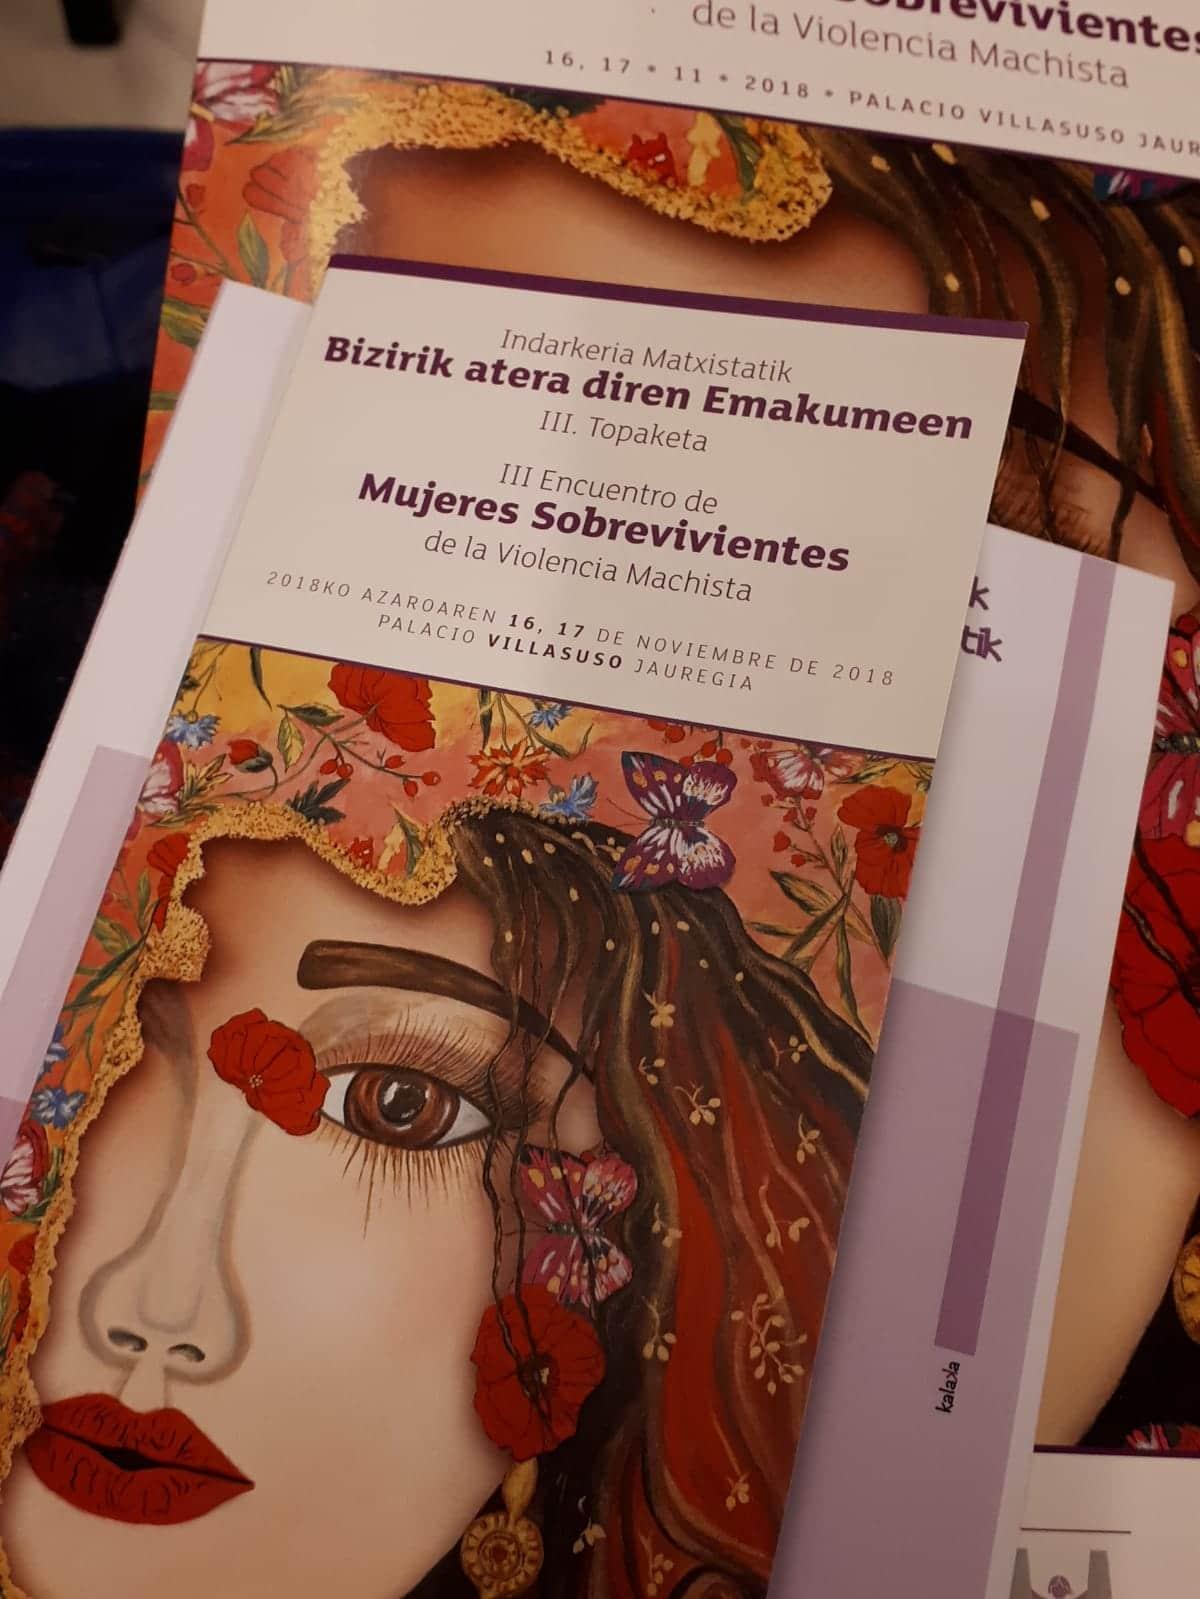 Encuentro mujeres sobrevivientes vitoria 2019 [PUNIQRANDLINE-(au-dating-names.txt) 41